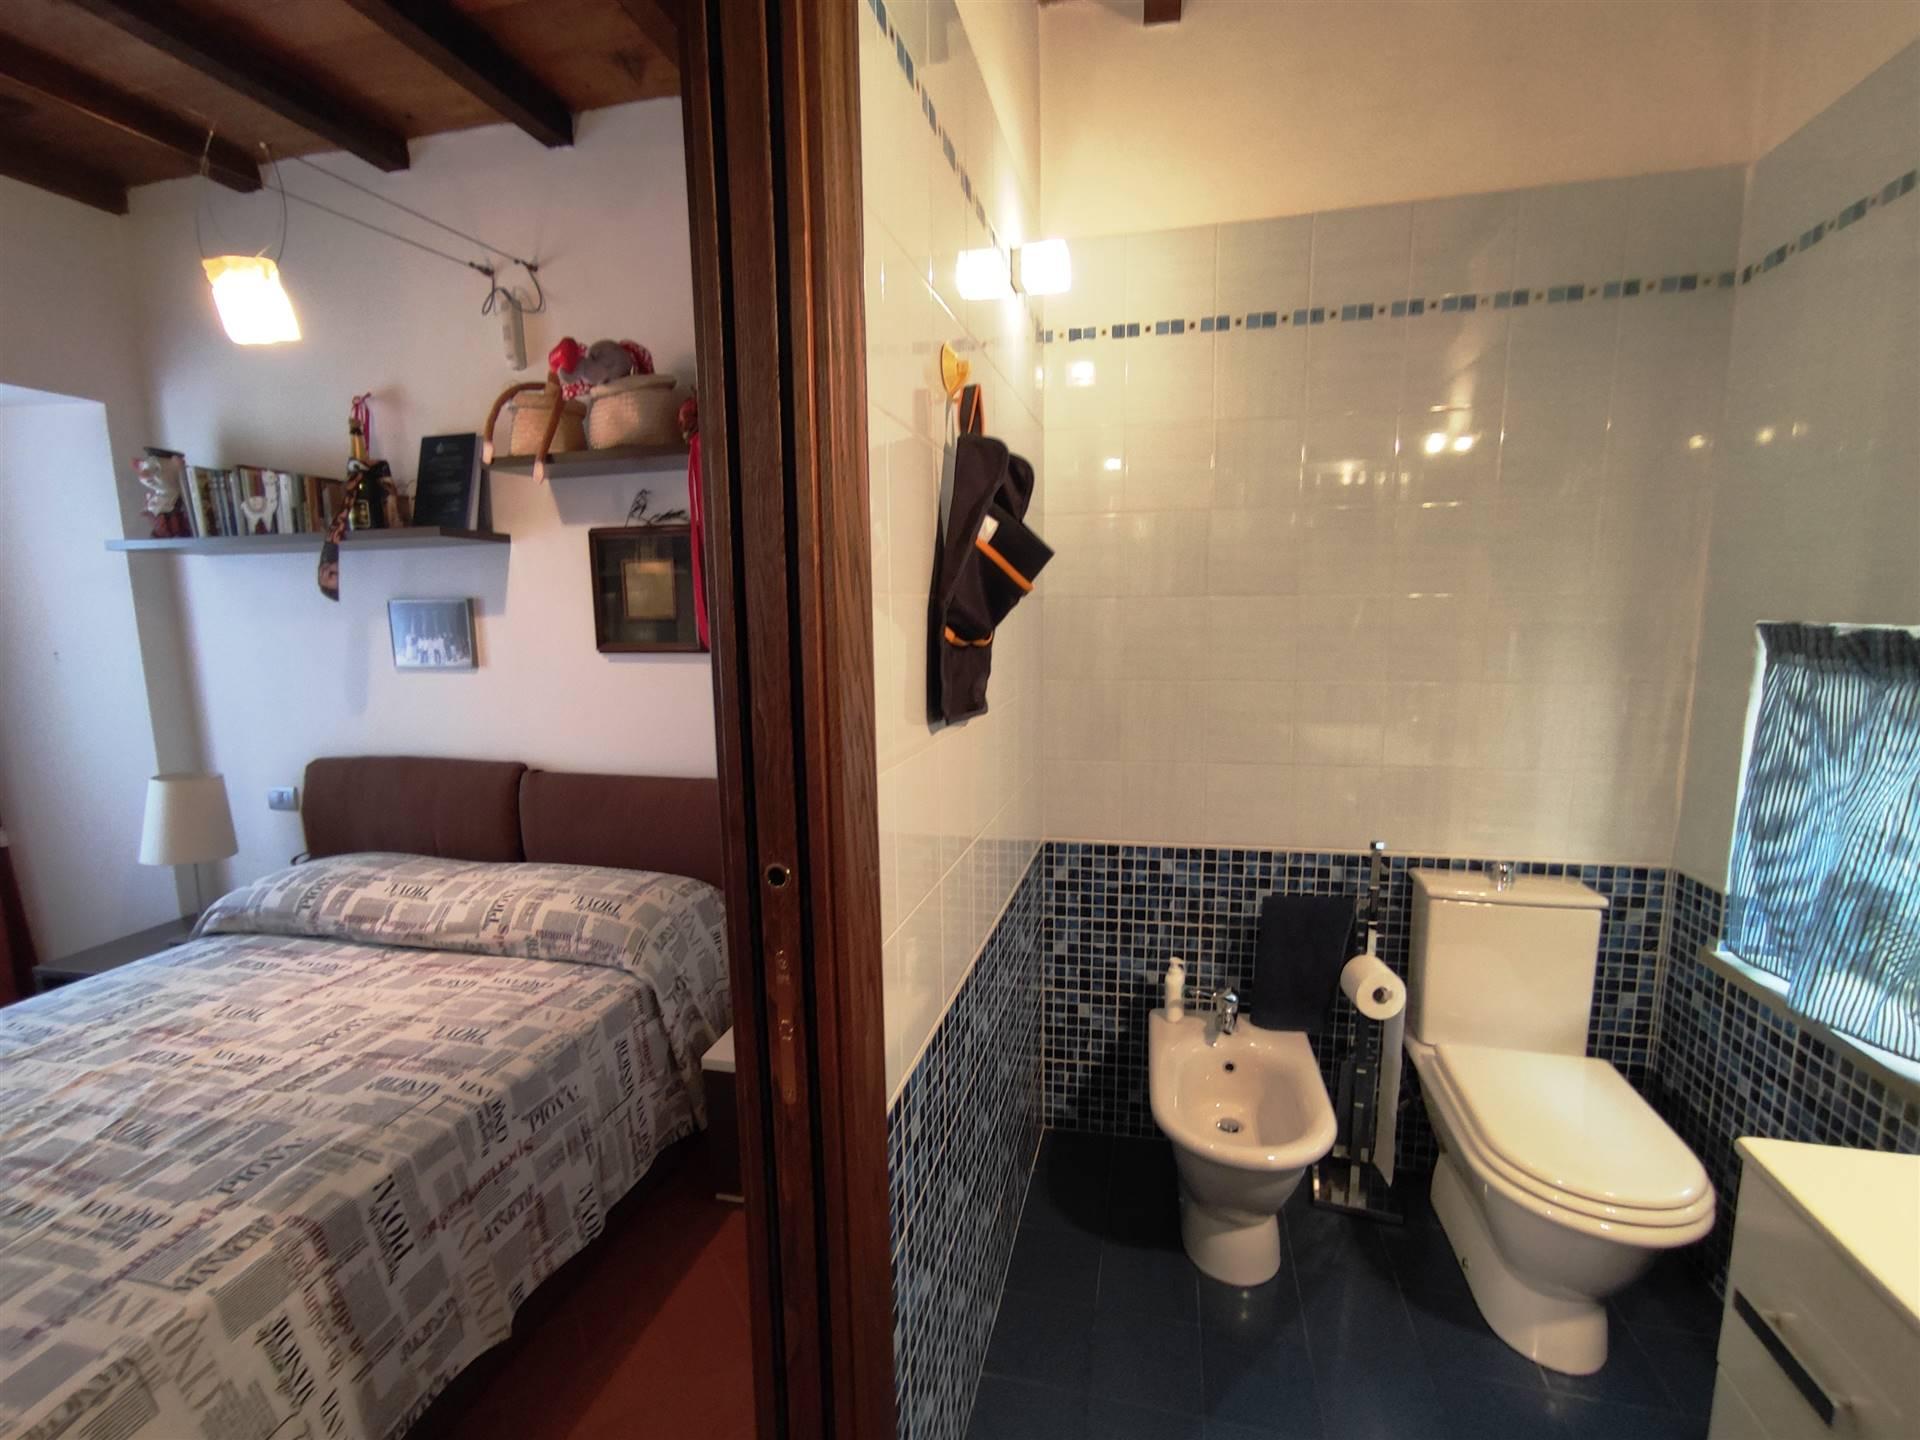 camera con bagno - Rif. 2/488